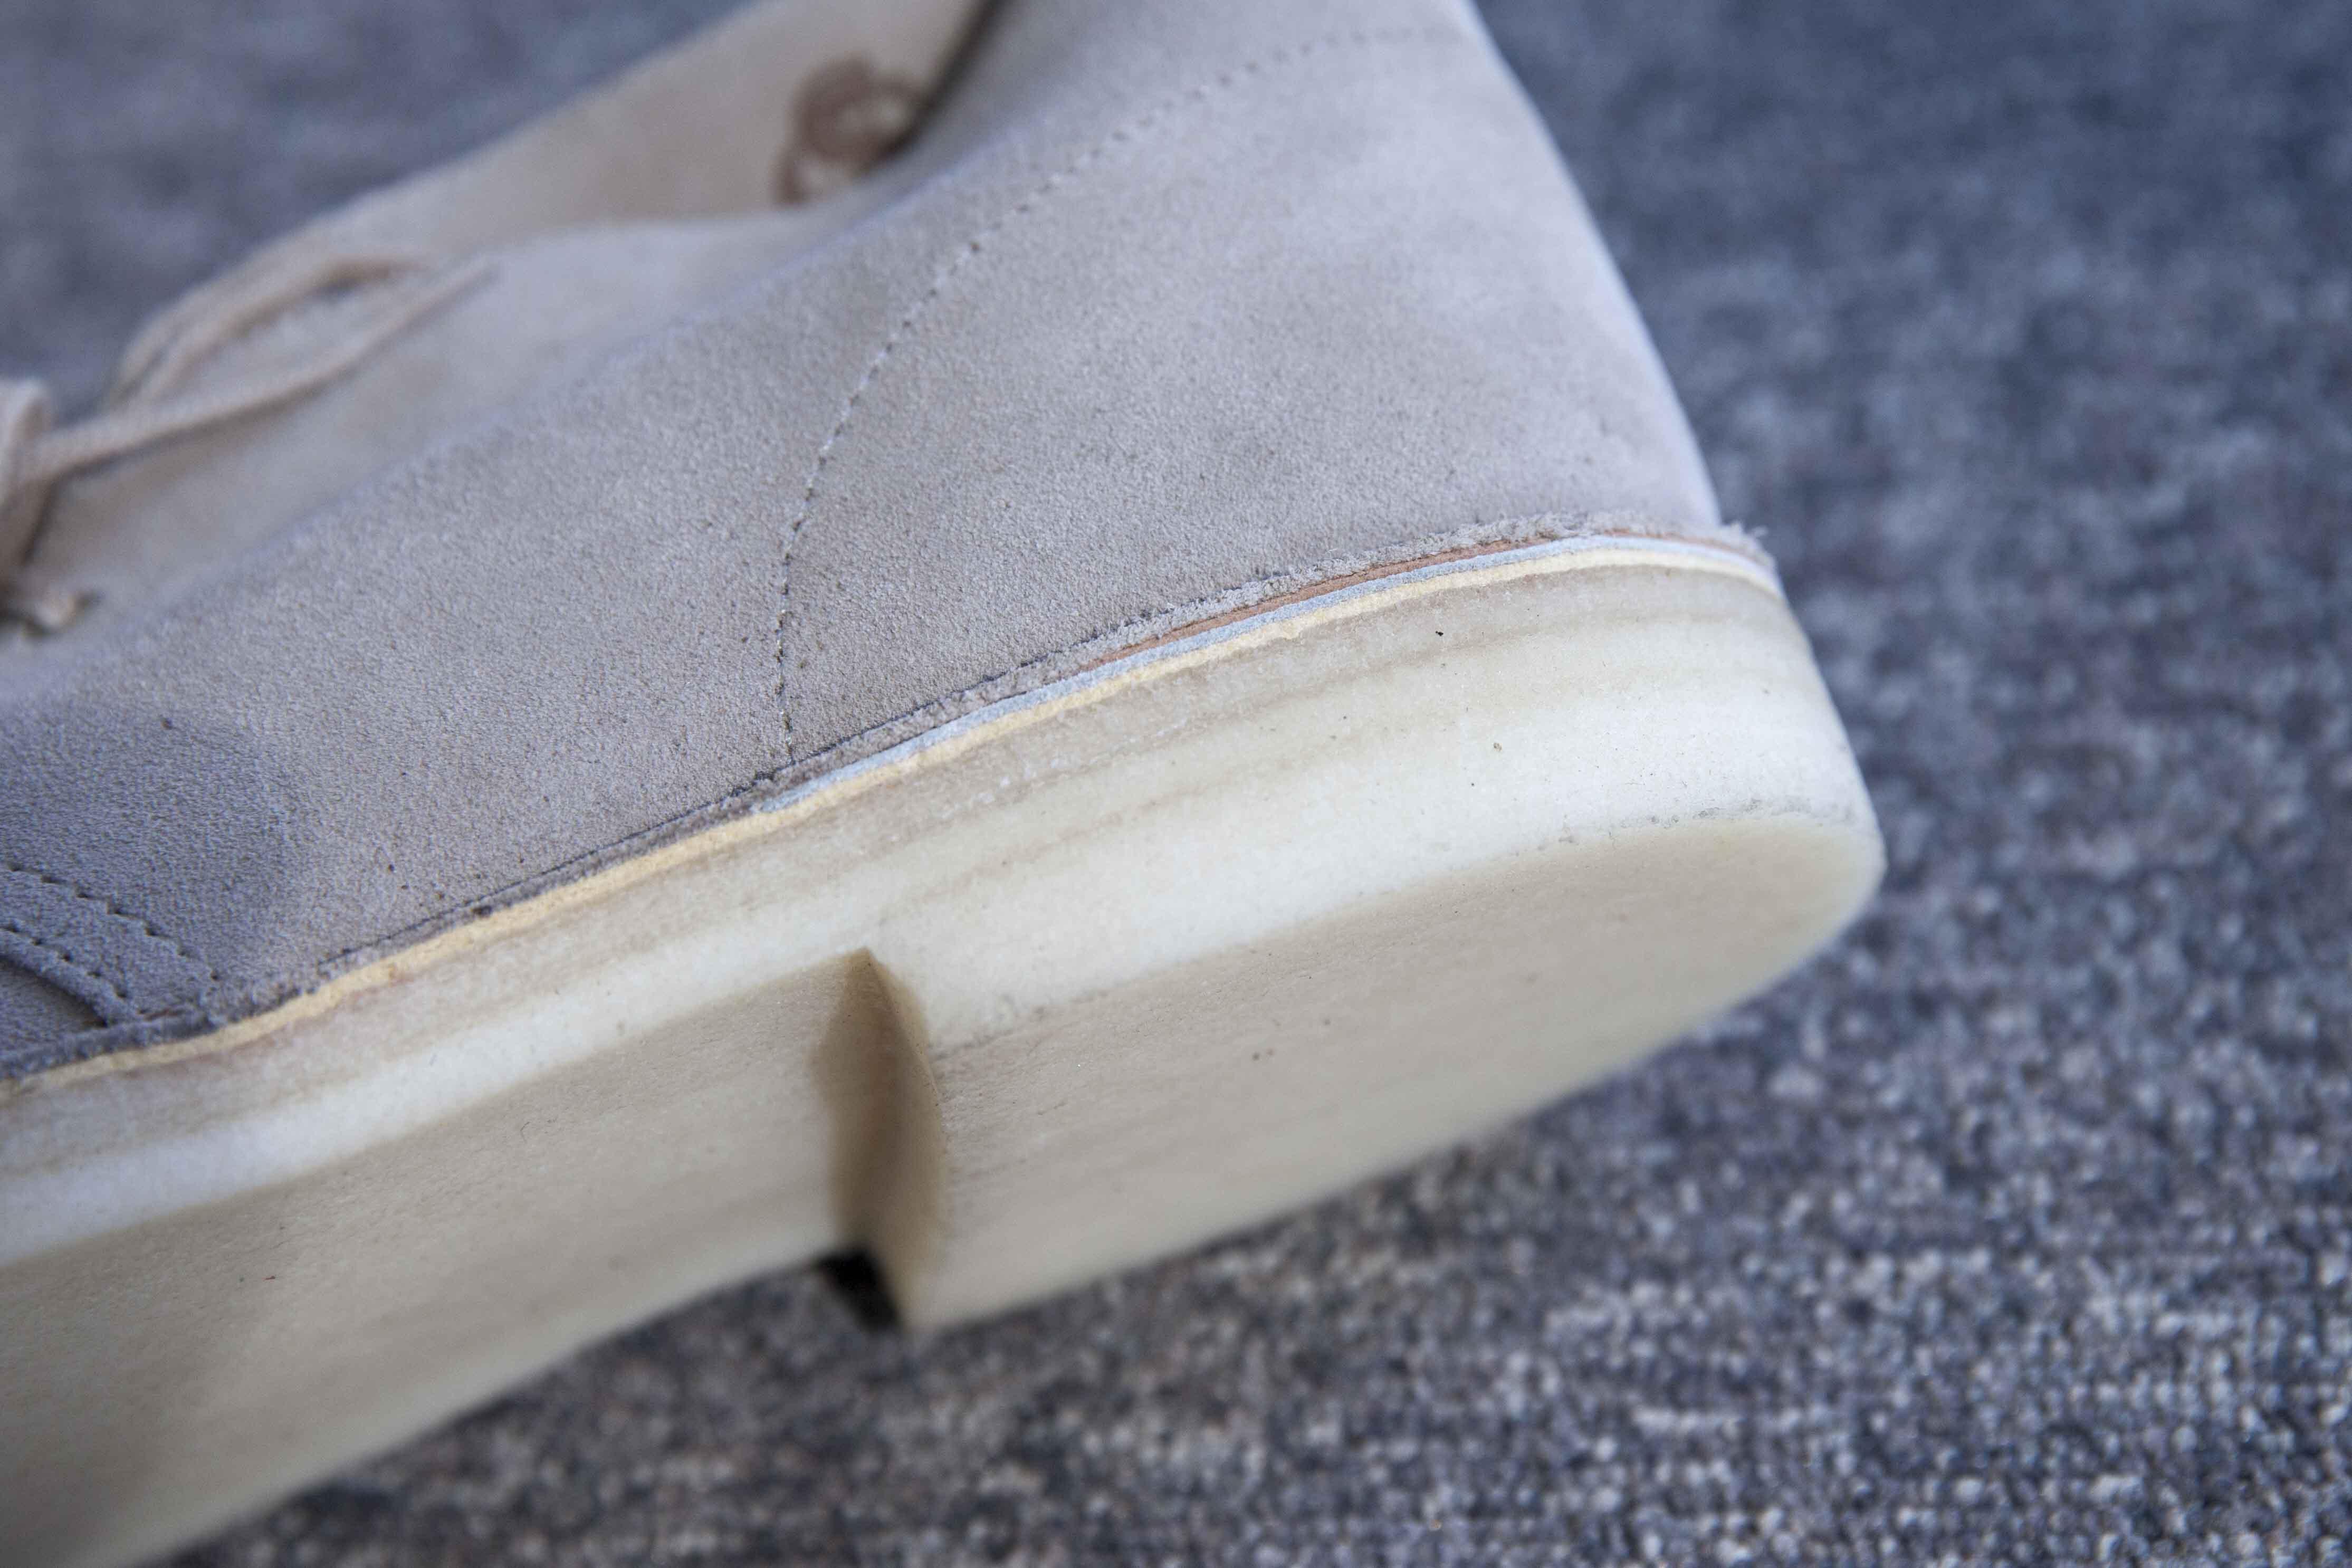 Semelle crepe desert boots